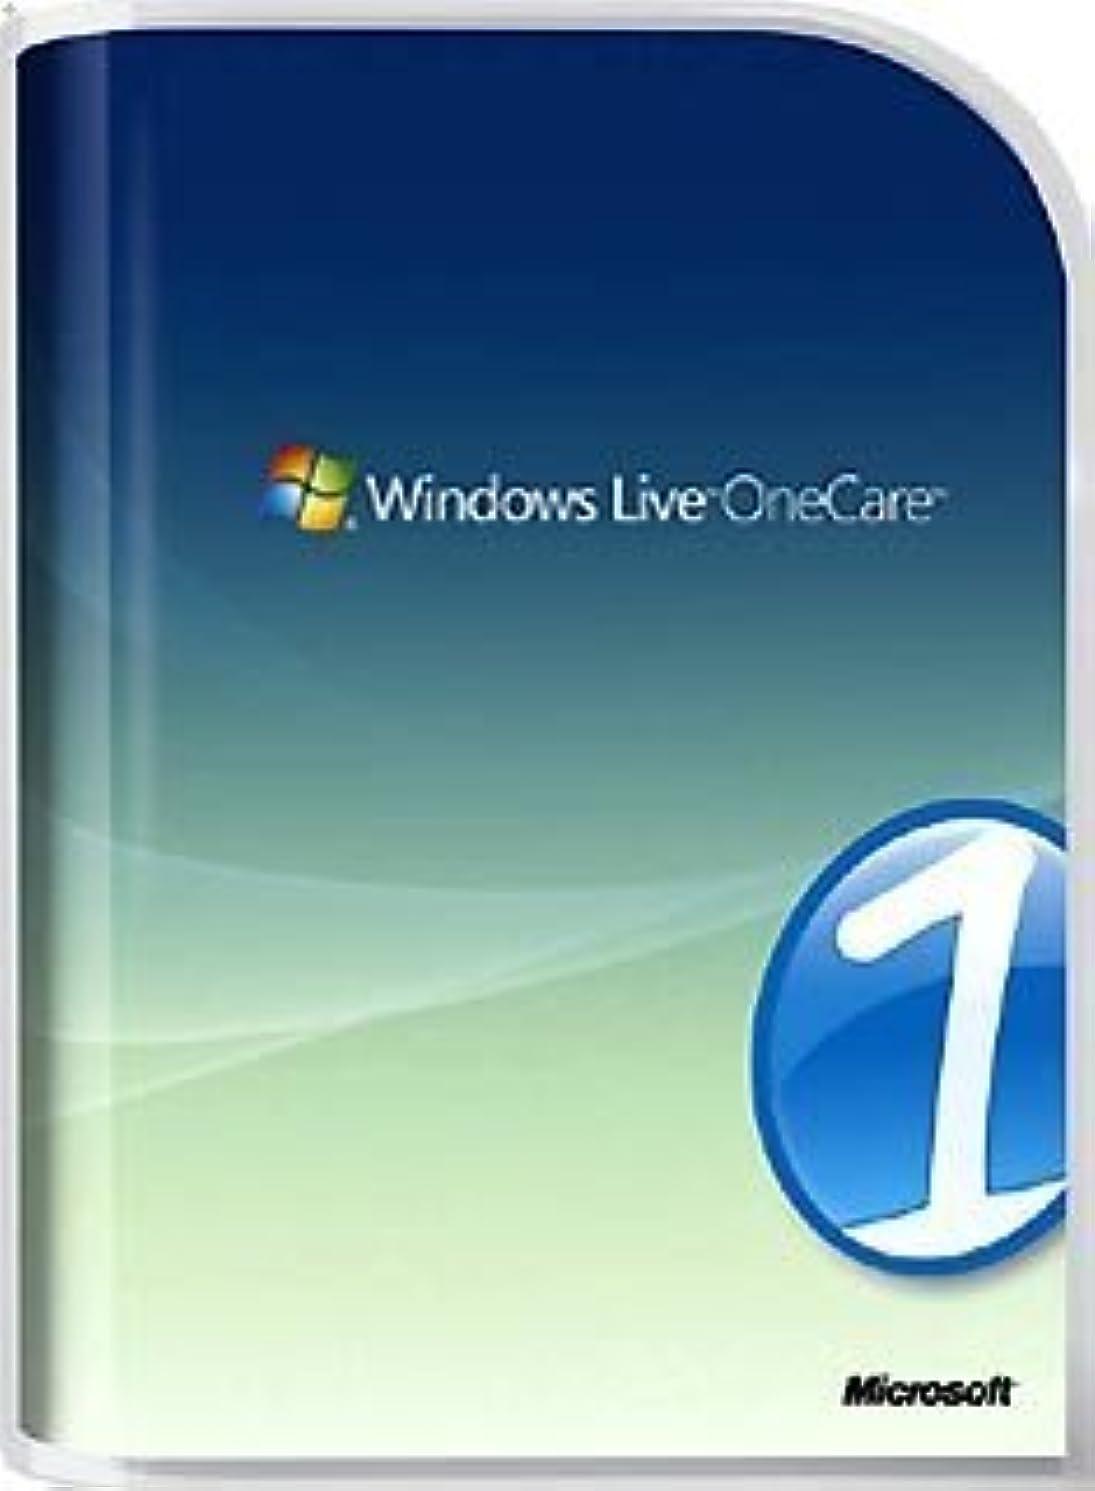 カンガルー教育する哺乳類Windows Live OneCare 1.5通常版